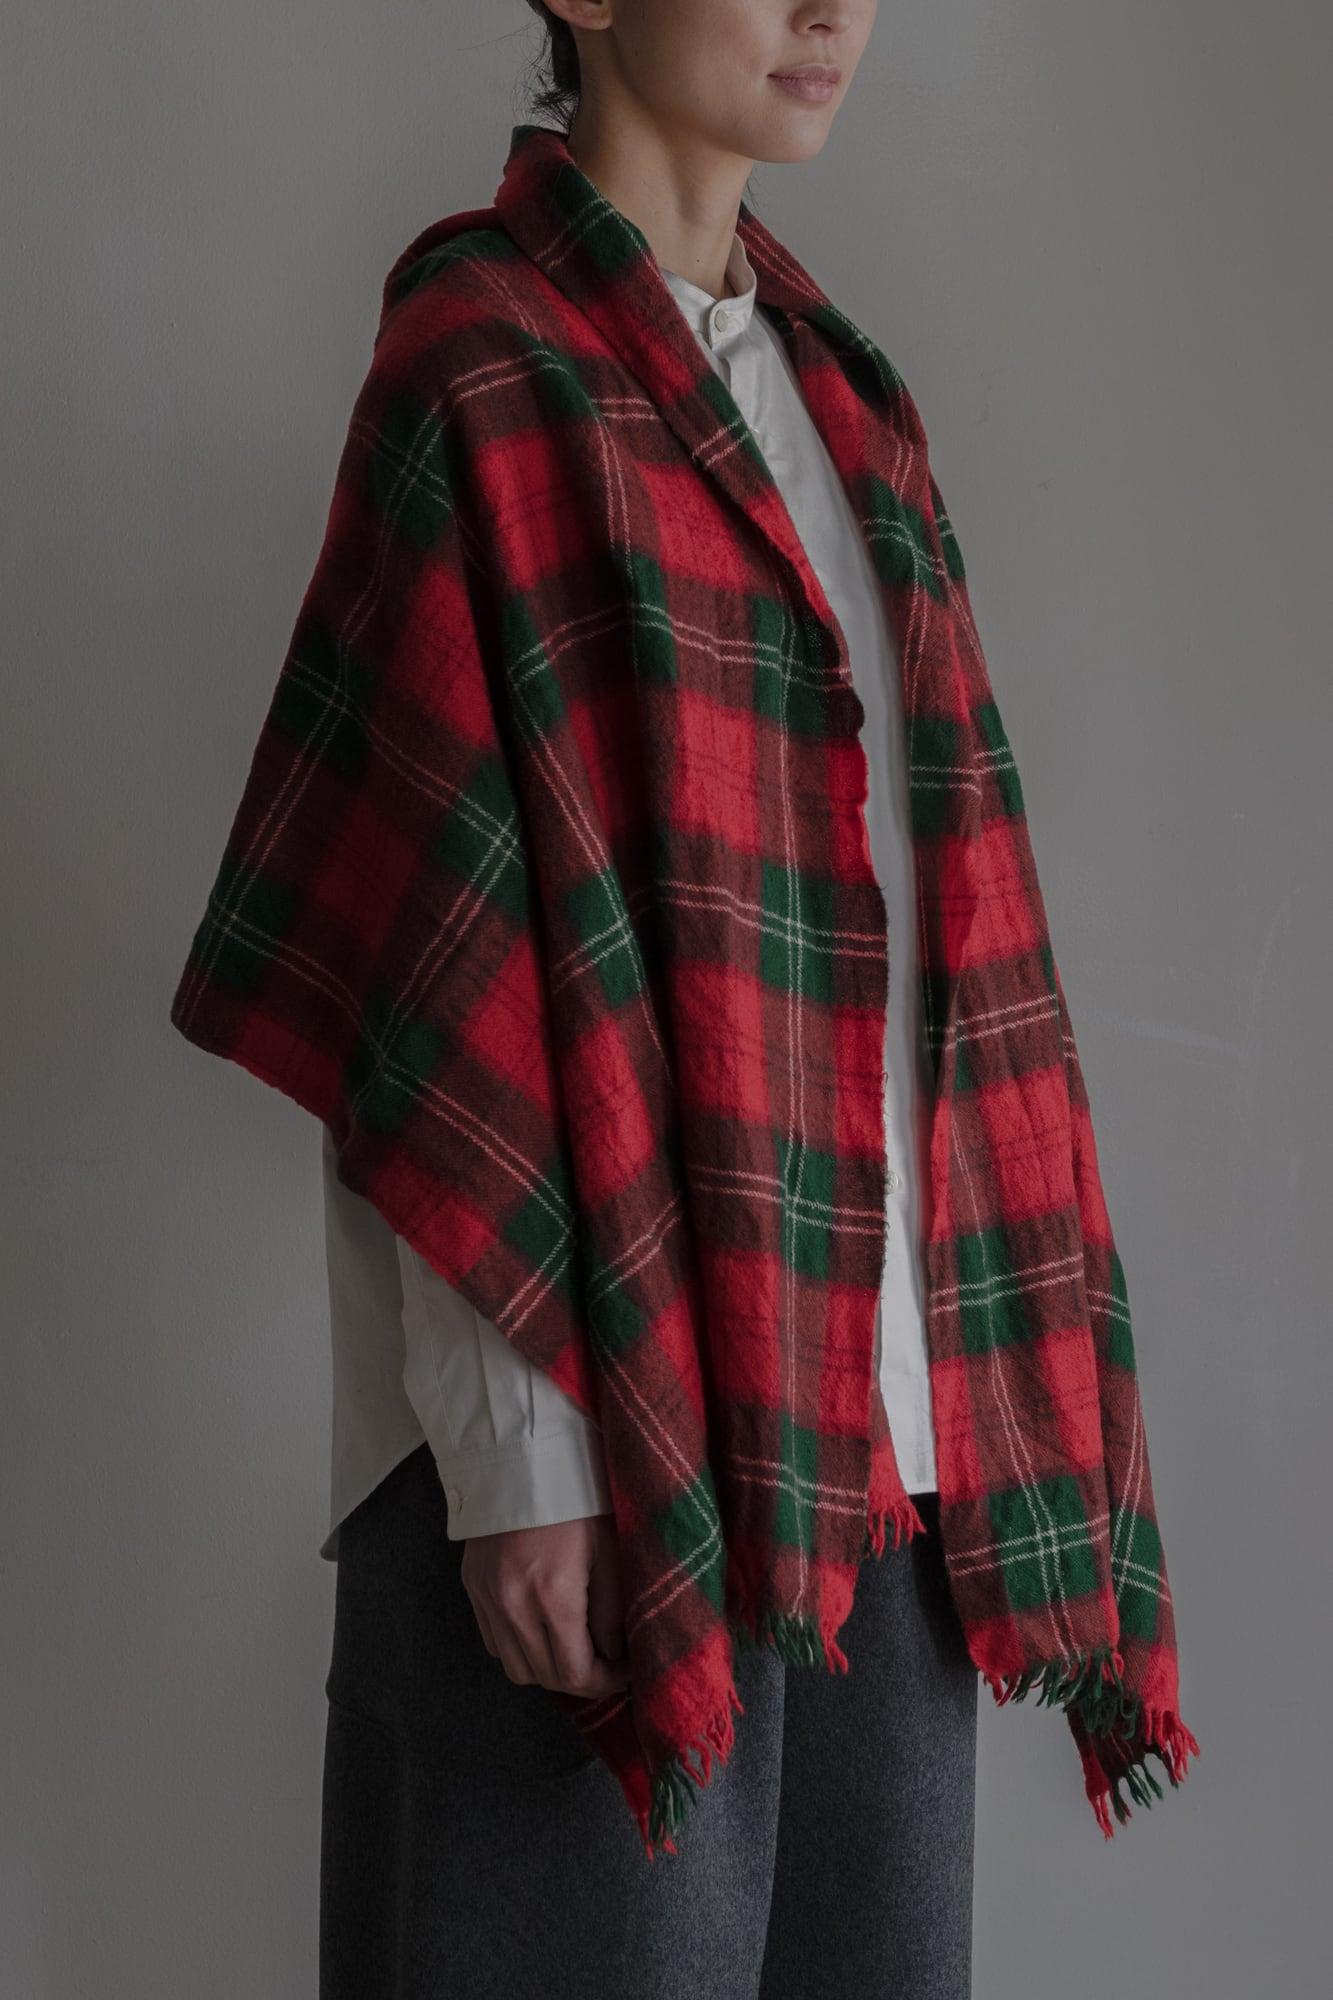 01642-1 tartancheck muffler / red,green